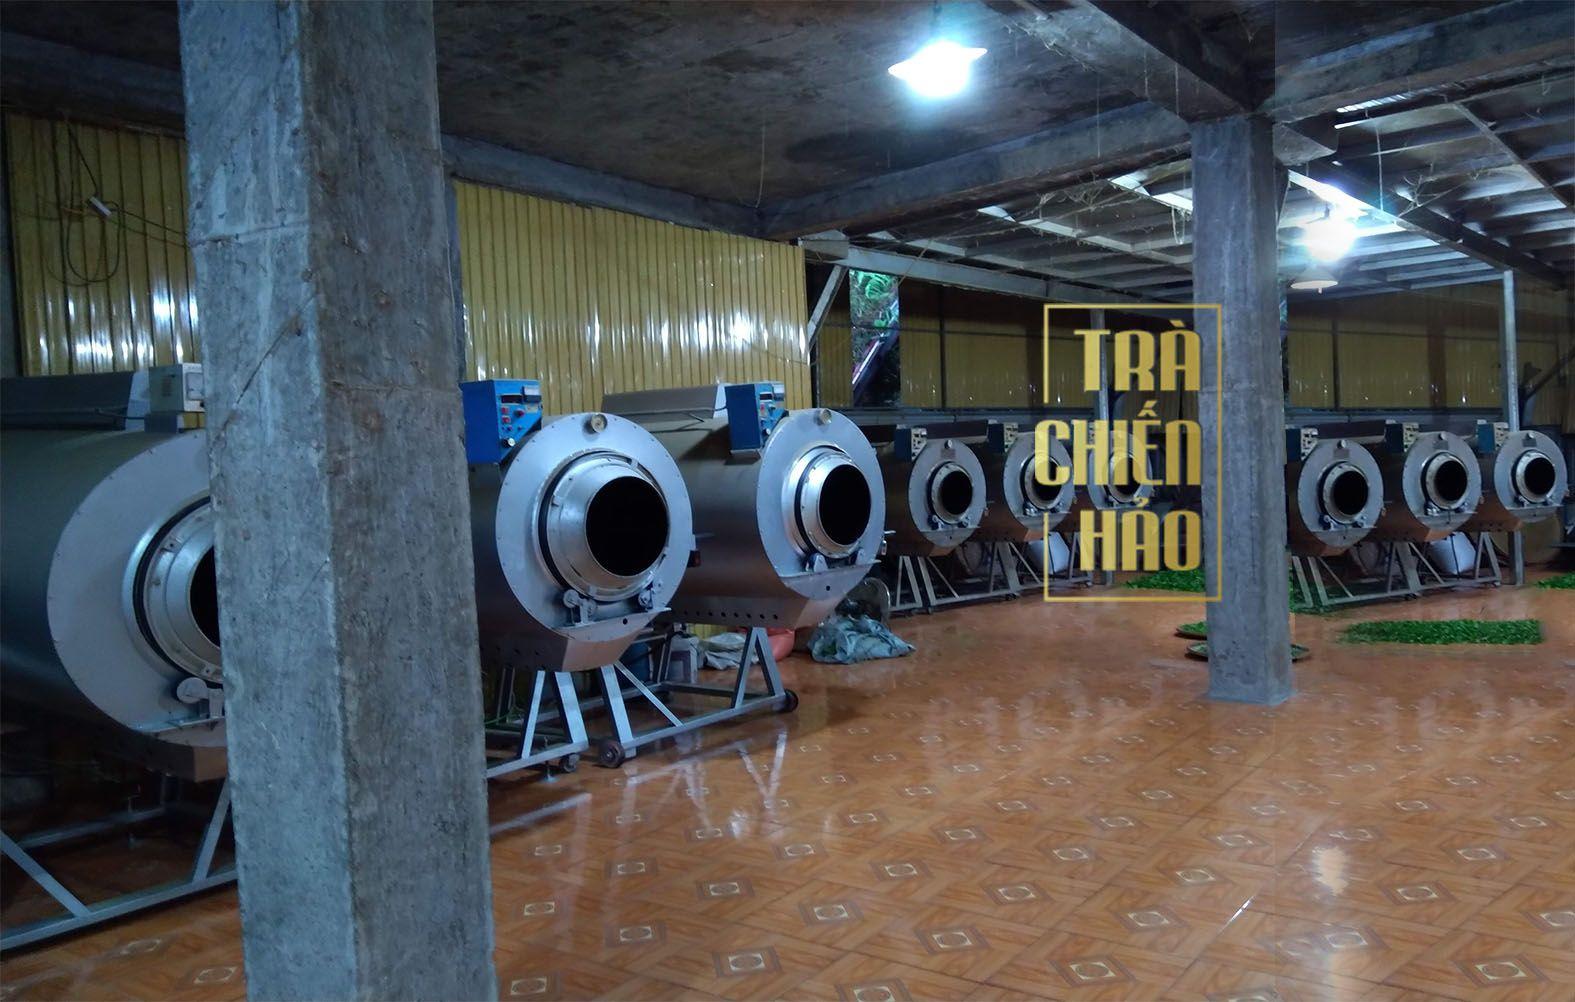 SAN XUẤT TRÀ SHAN TUYẾT .Trà shan tuyết được sản xuất tỉ mỉ bằng hệ thống sào ga